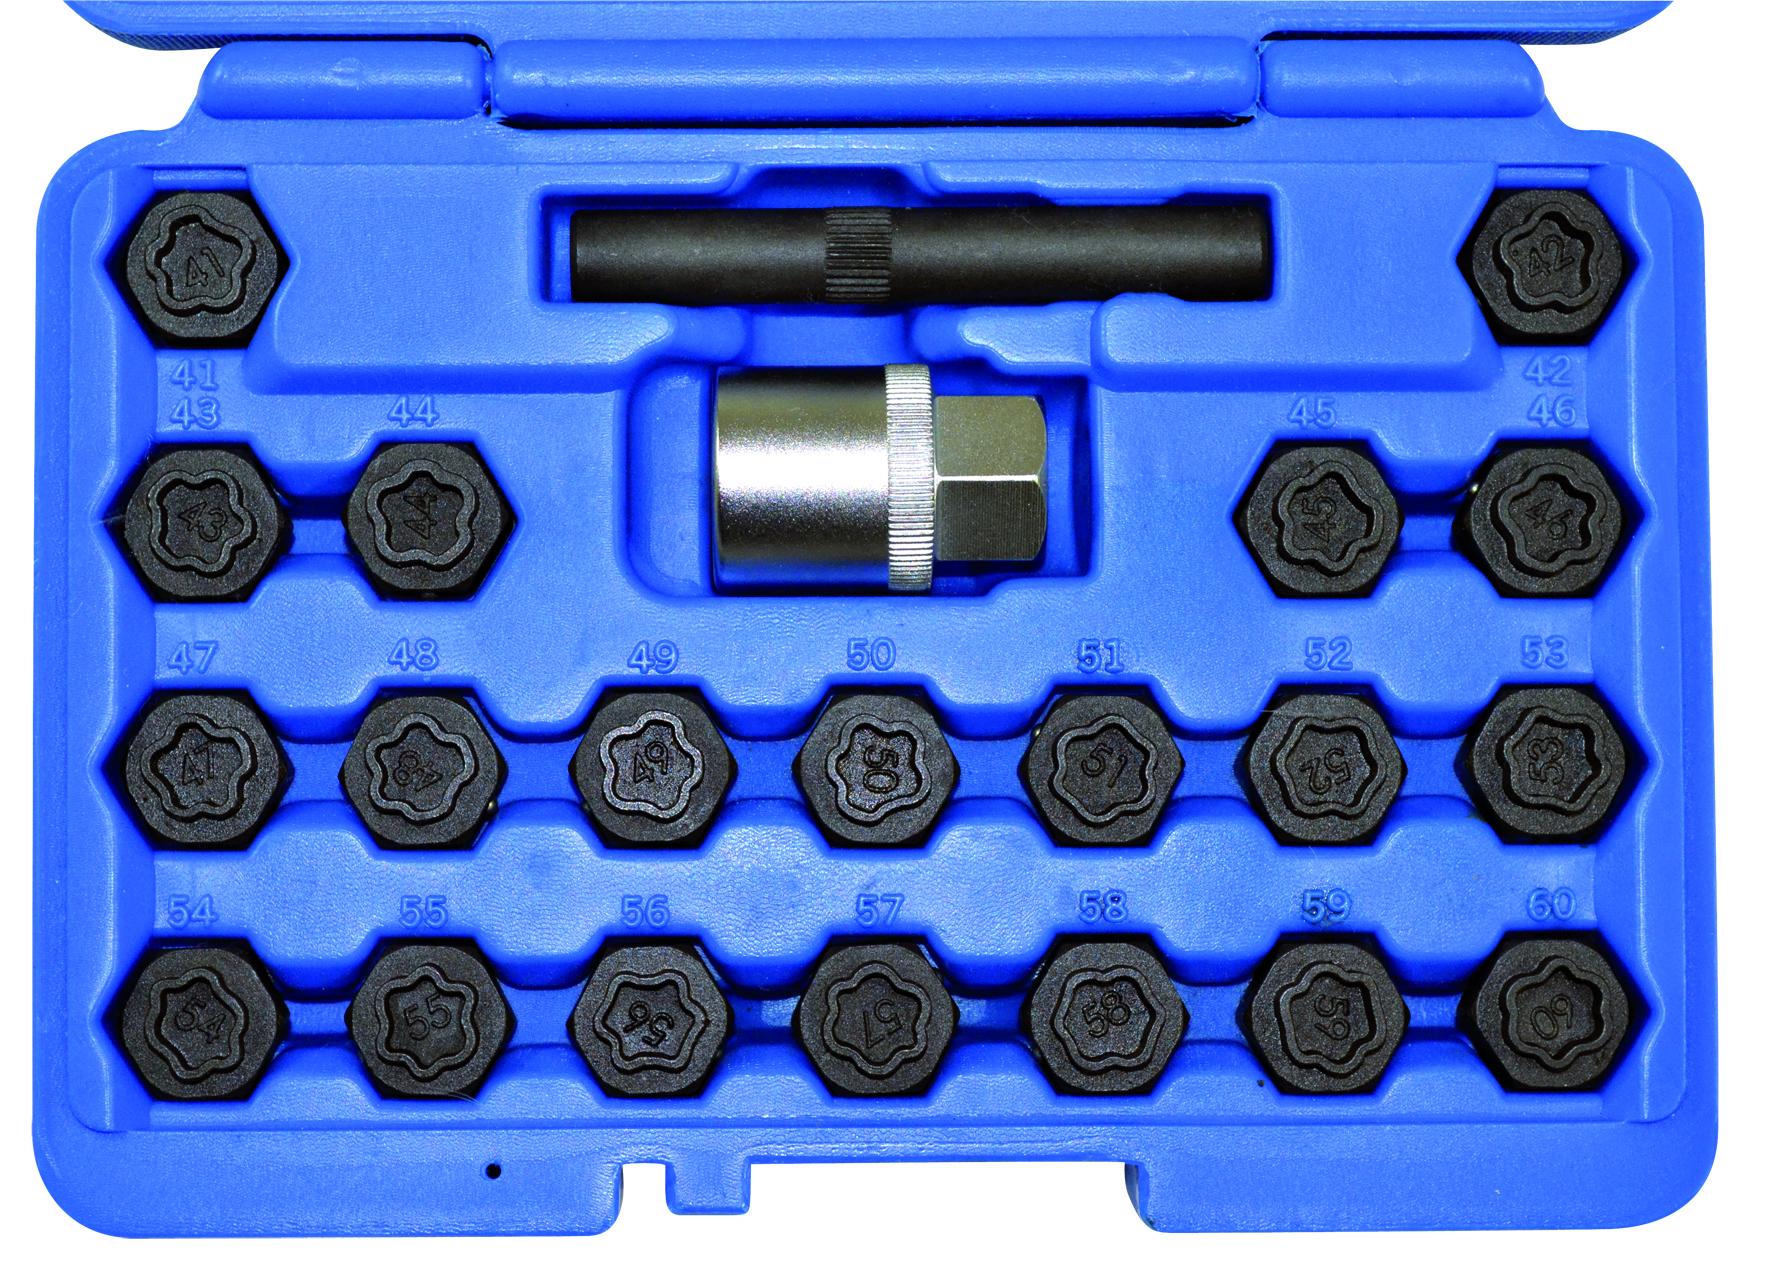 Felgenschloss-Schlüssel-Satz BMW mit 20 Stern-Schlüsseln KUNZER (7FSB22)